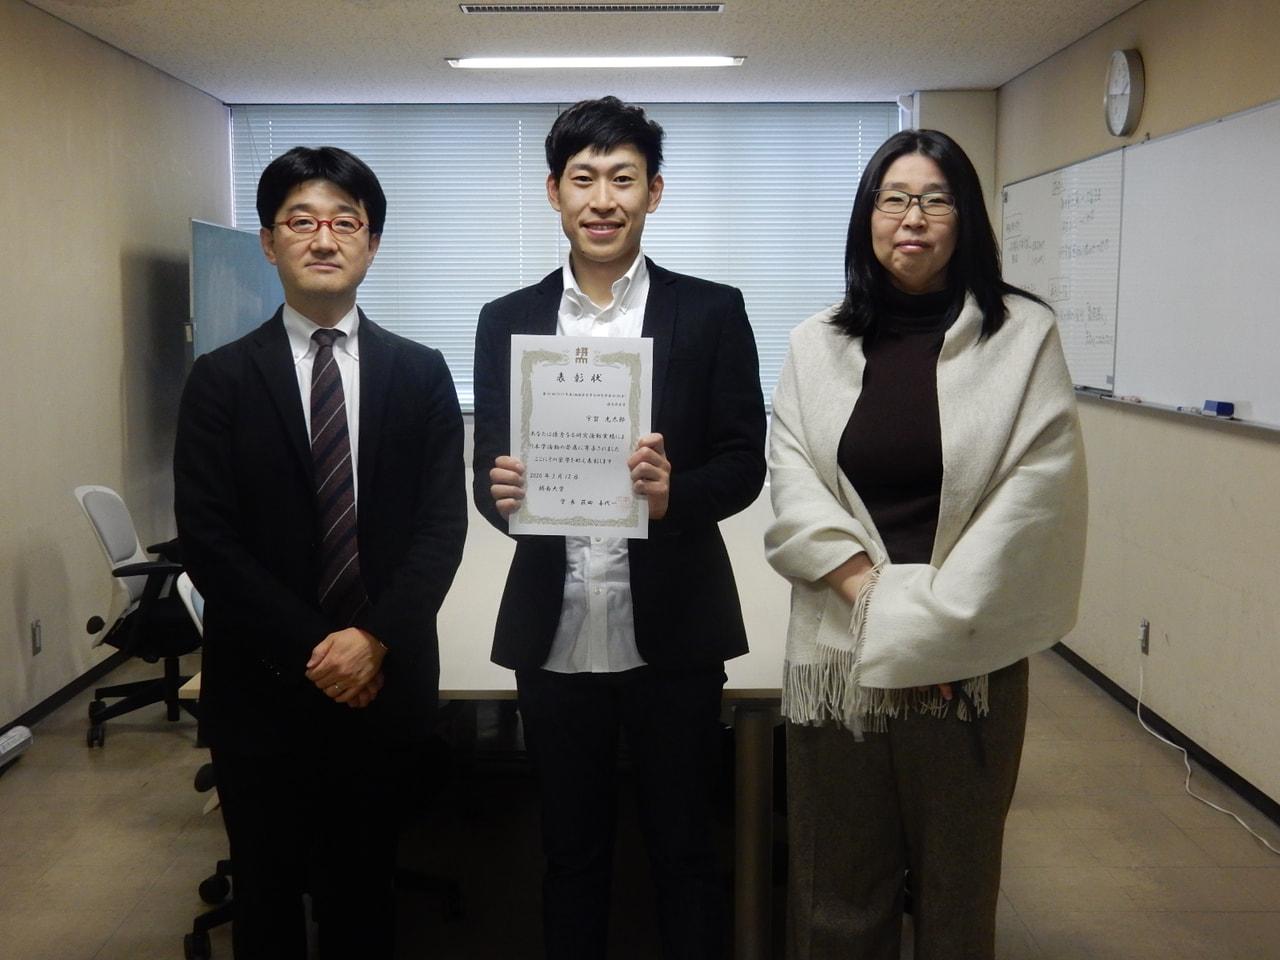 社会開発工学専攻2年 宇賀光太郎くんが、学長表彰を受賞しました